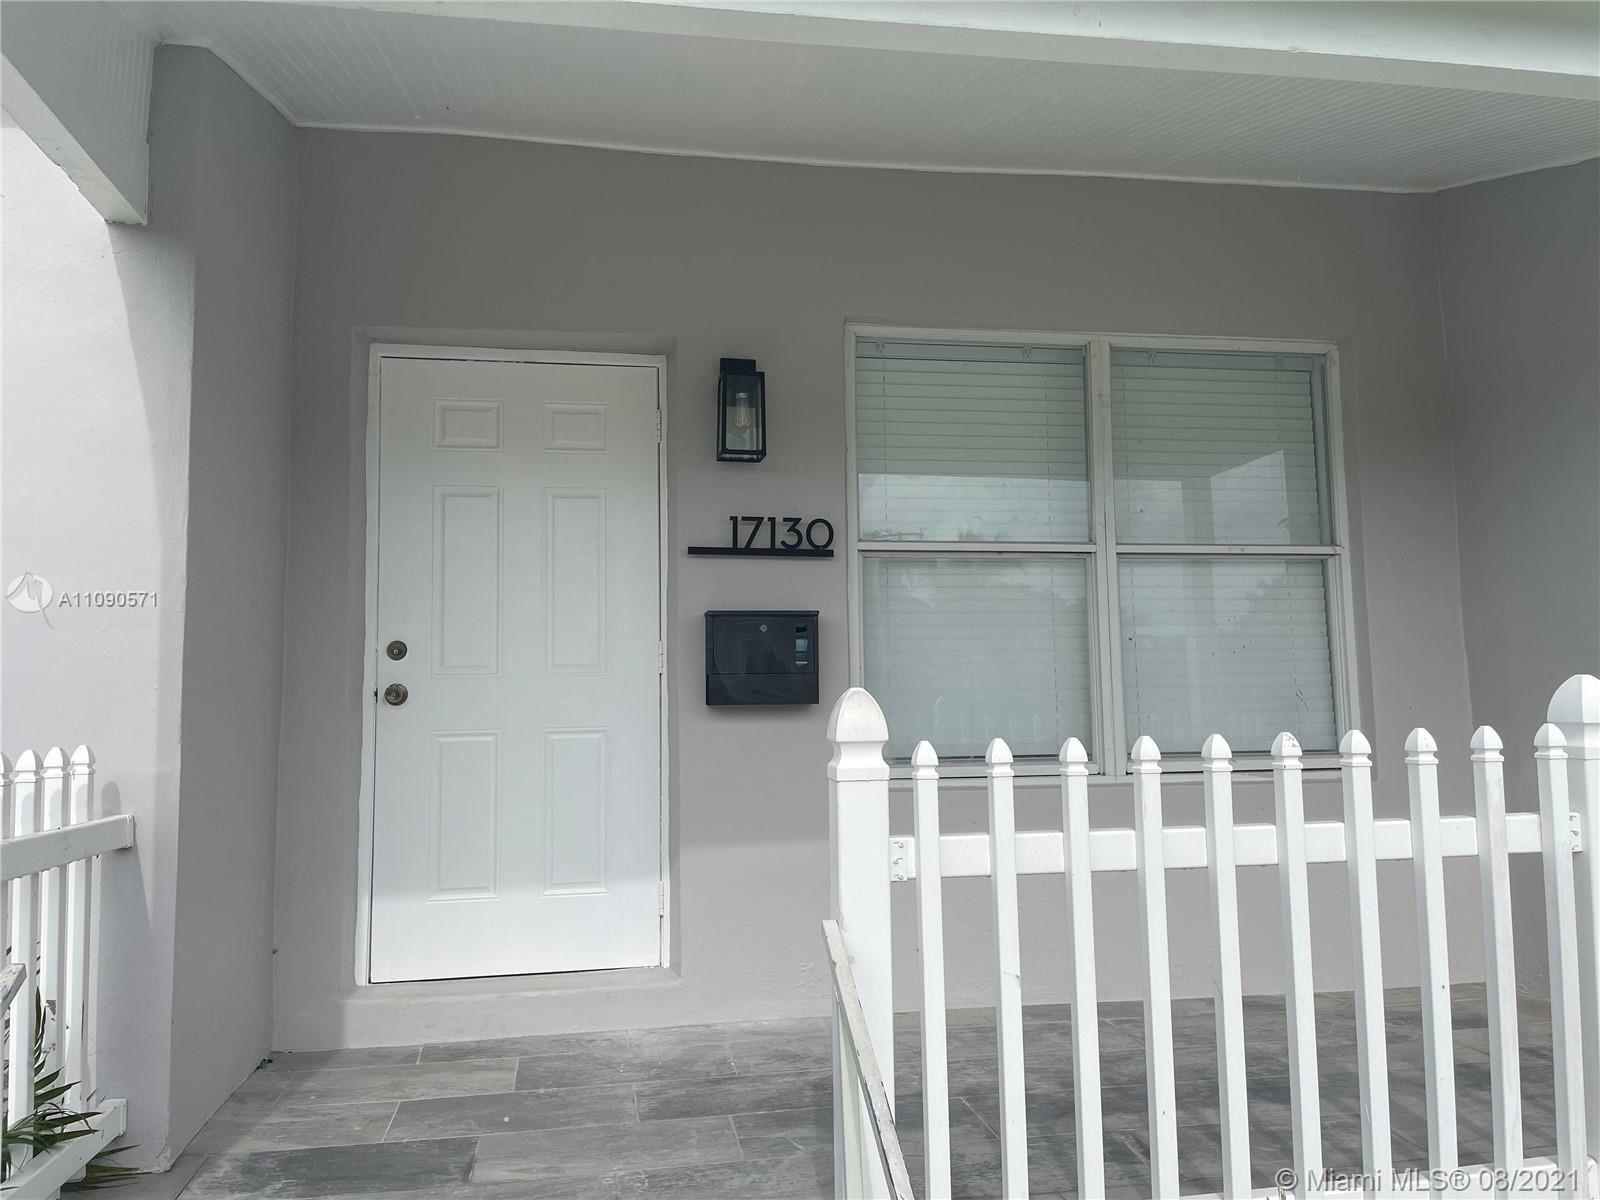 17130 NE 6th Ct, North Miami Beach, FL 33162 - #: A11090571